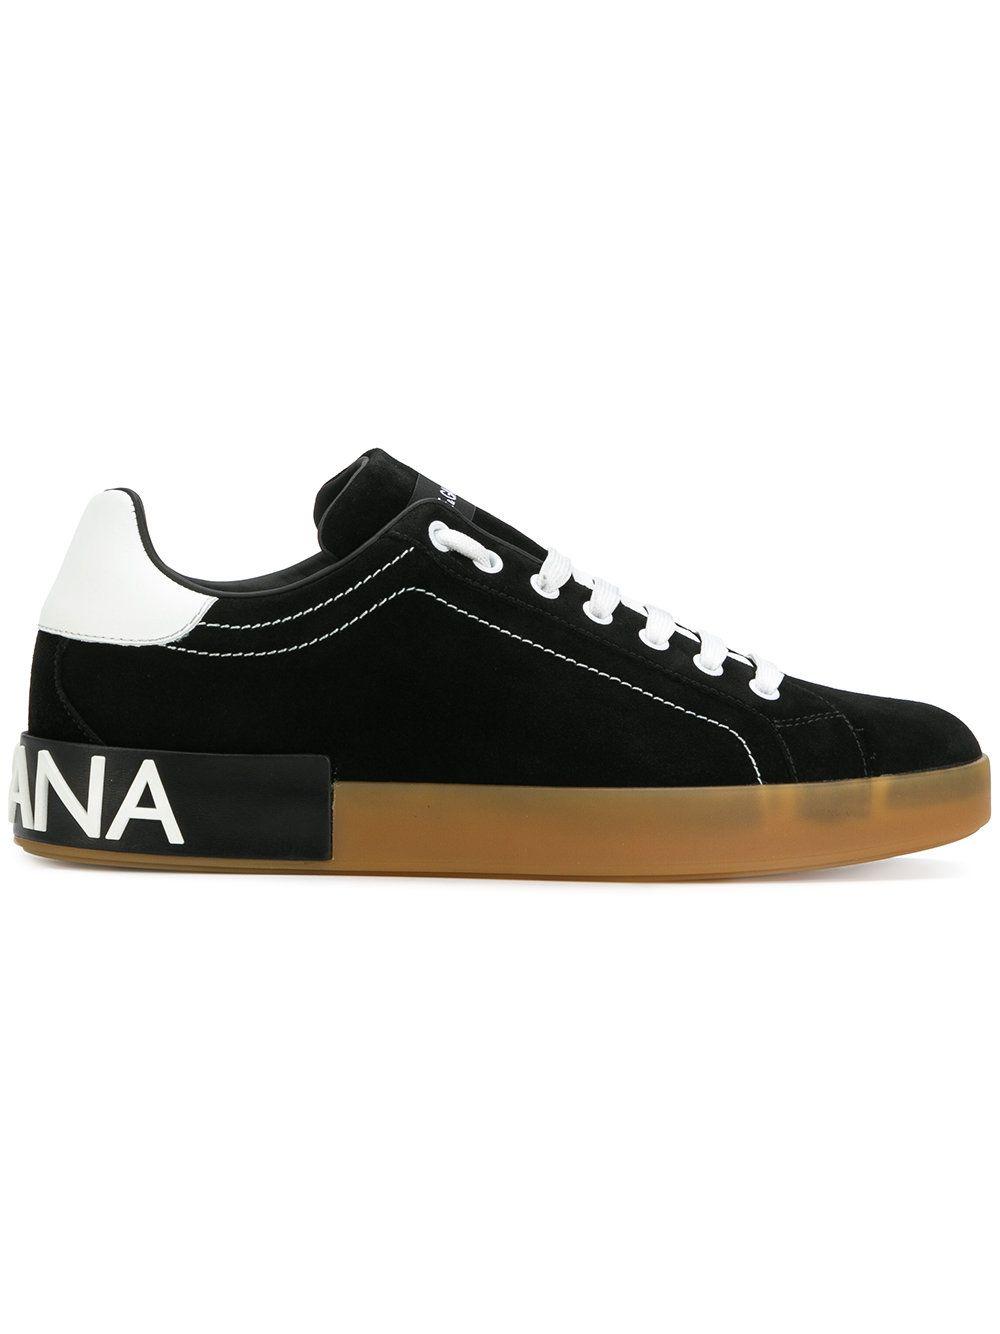 Both zapatillas con cordones - Negro farfetch el-negro tzLcPYNK